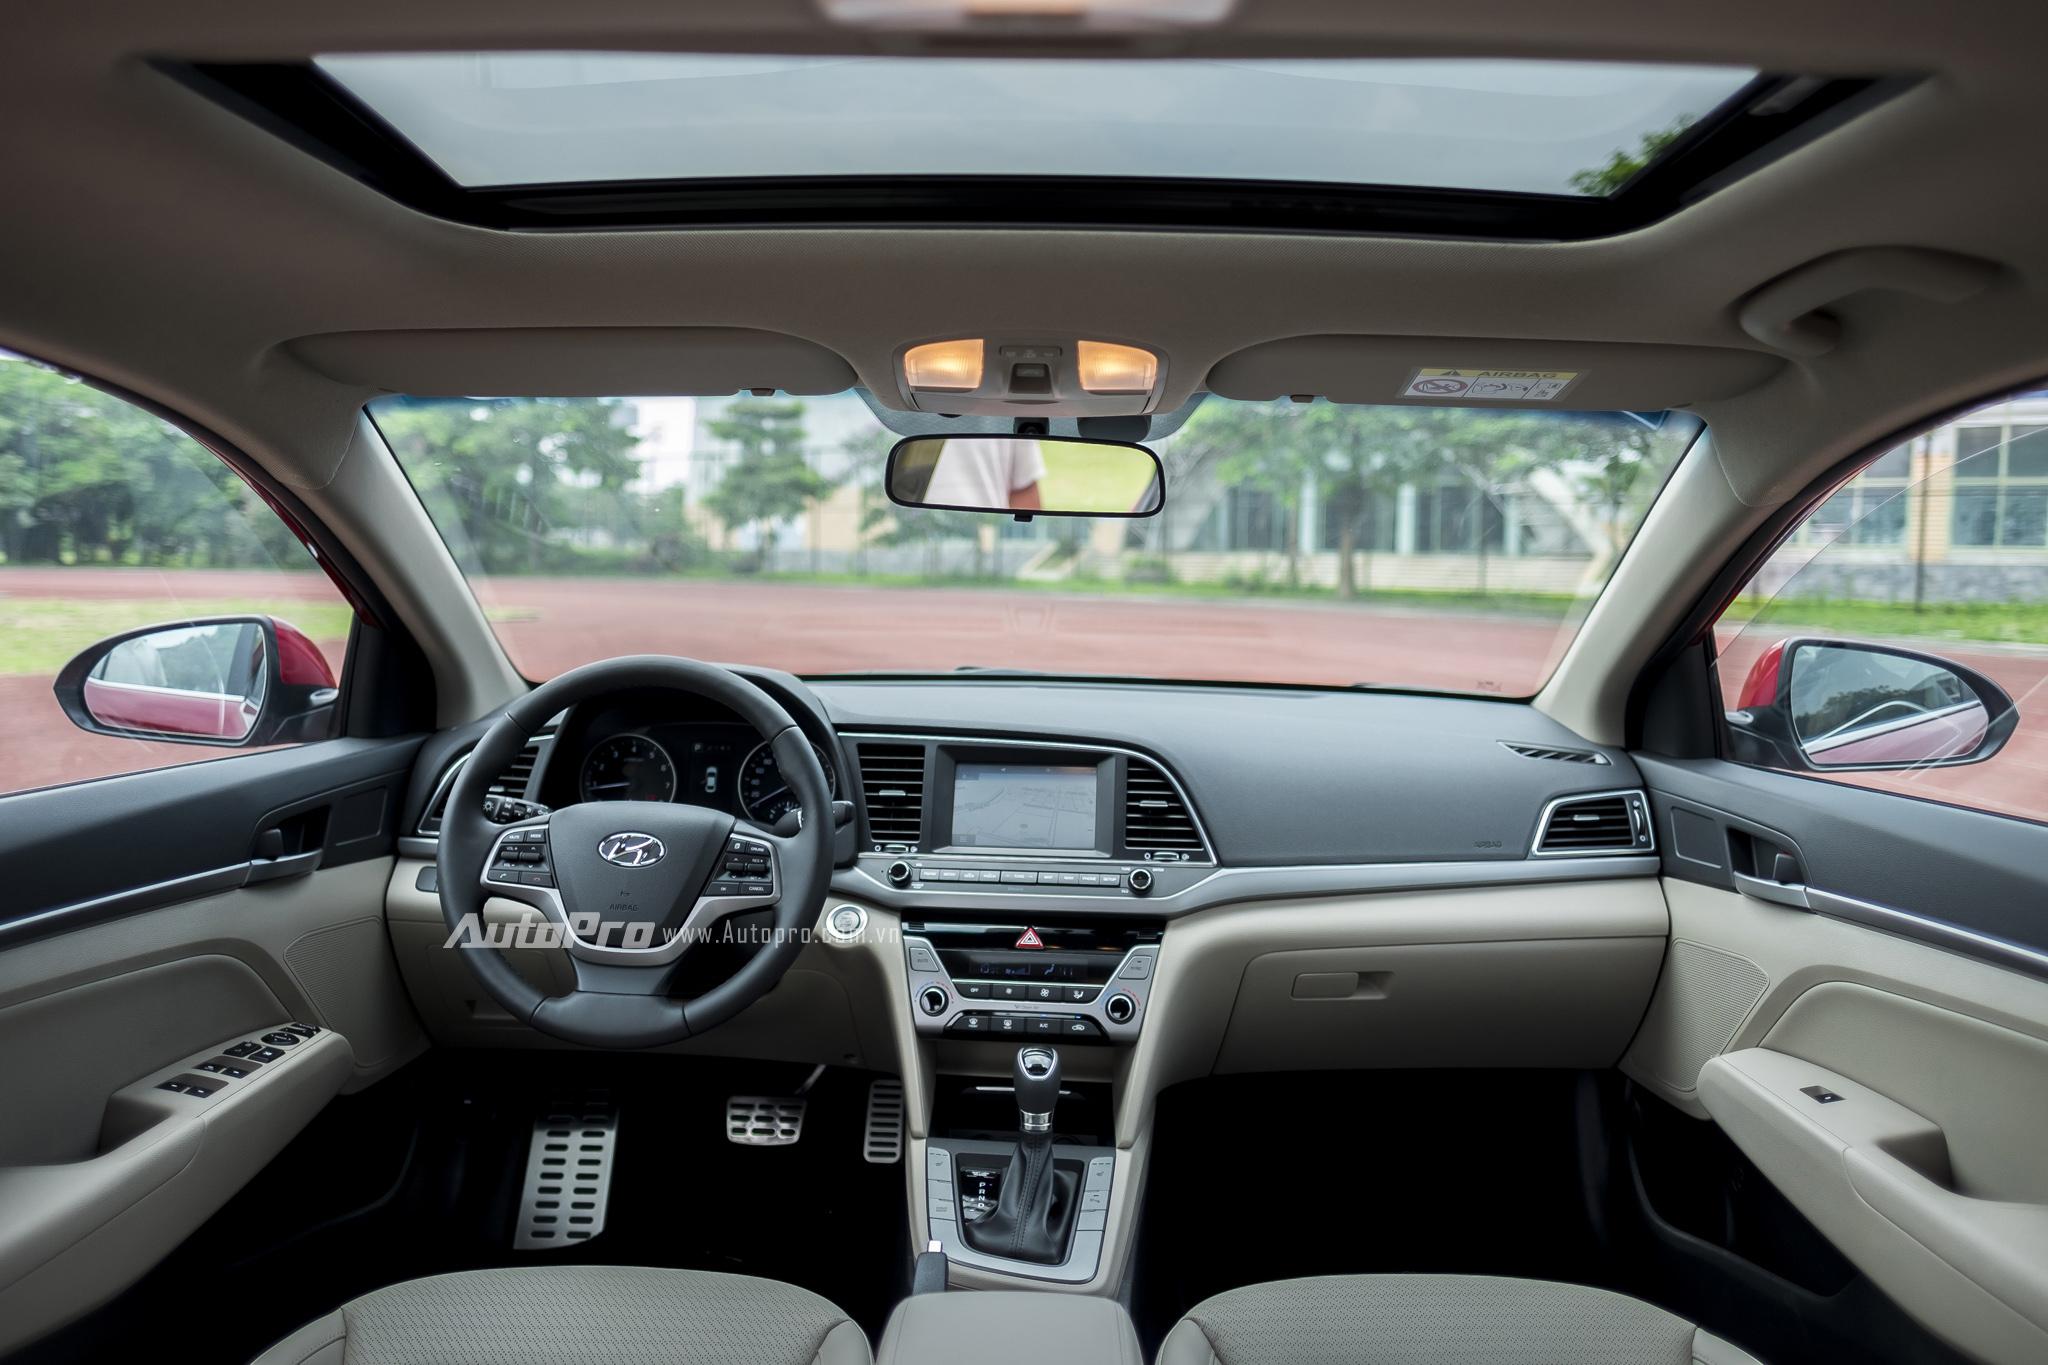 Nội thất của Hyundai Elantra 2016 được bọc da nhiều nơi, kết hợp cùng những chi tiết bằng kim loại. Nội thất tuân thủ theo triết lý thiết kế HMI (Human Machine Interface) của Hyundai với giao diện thân thiện và dễ sử dụng.